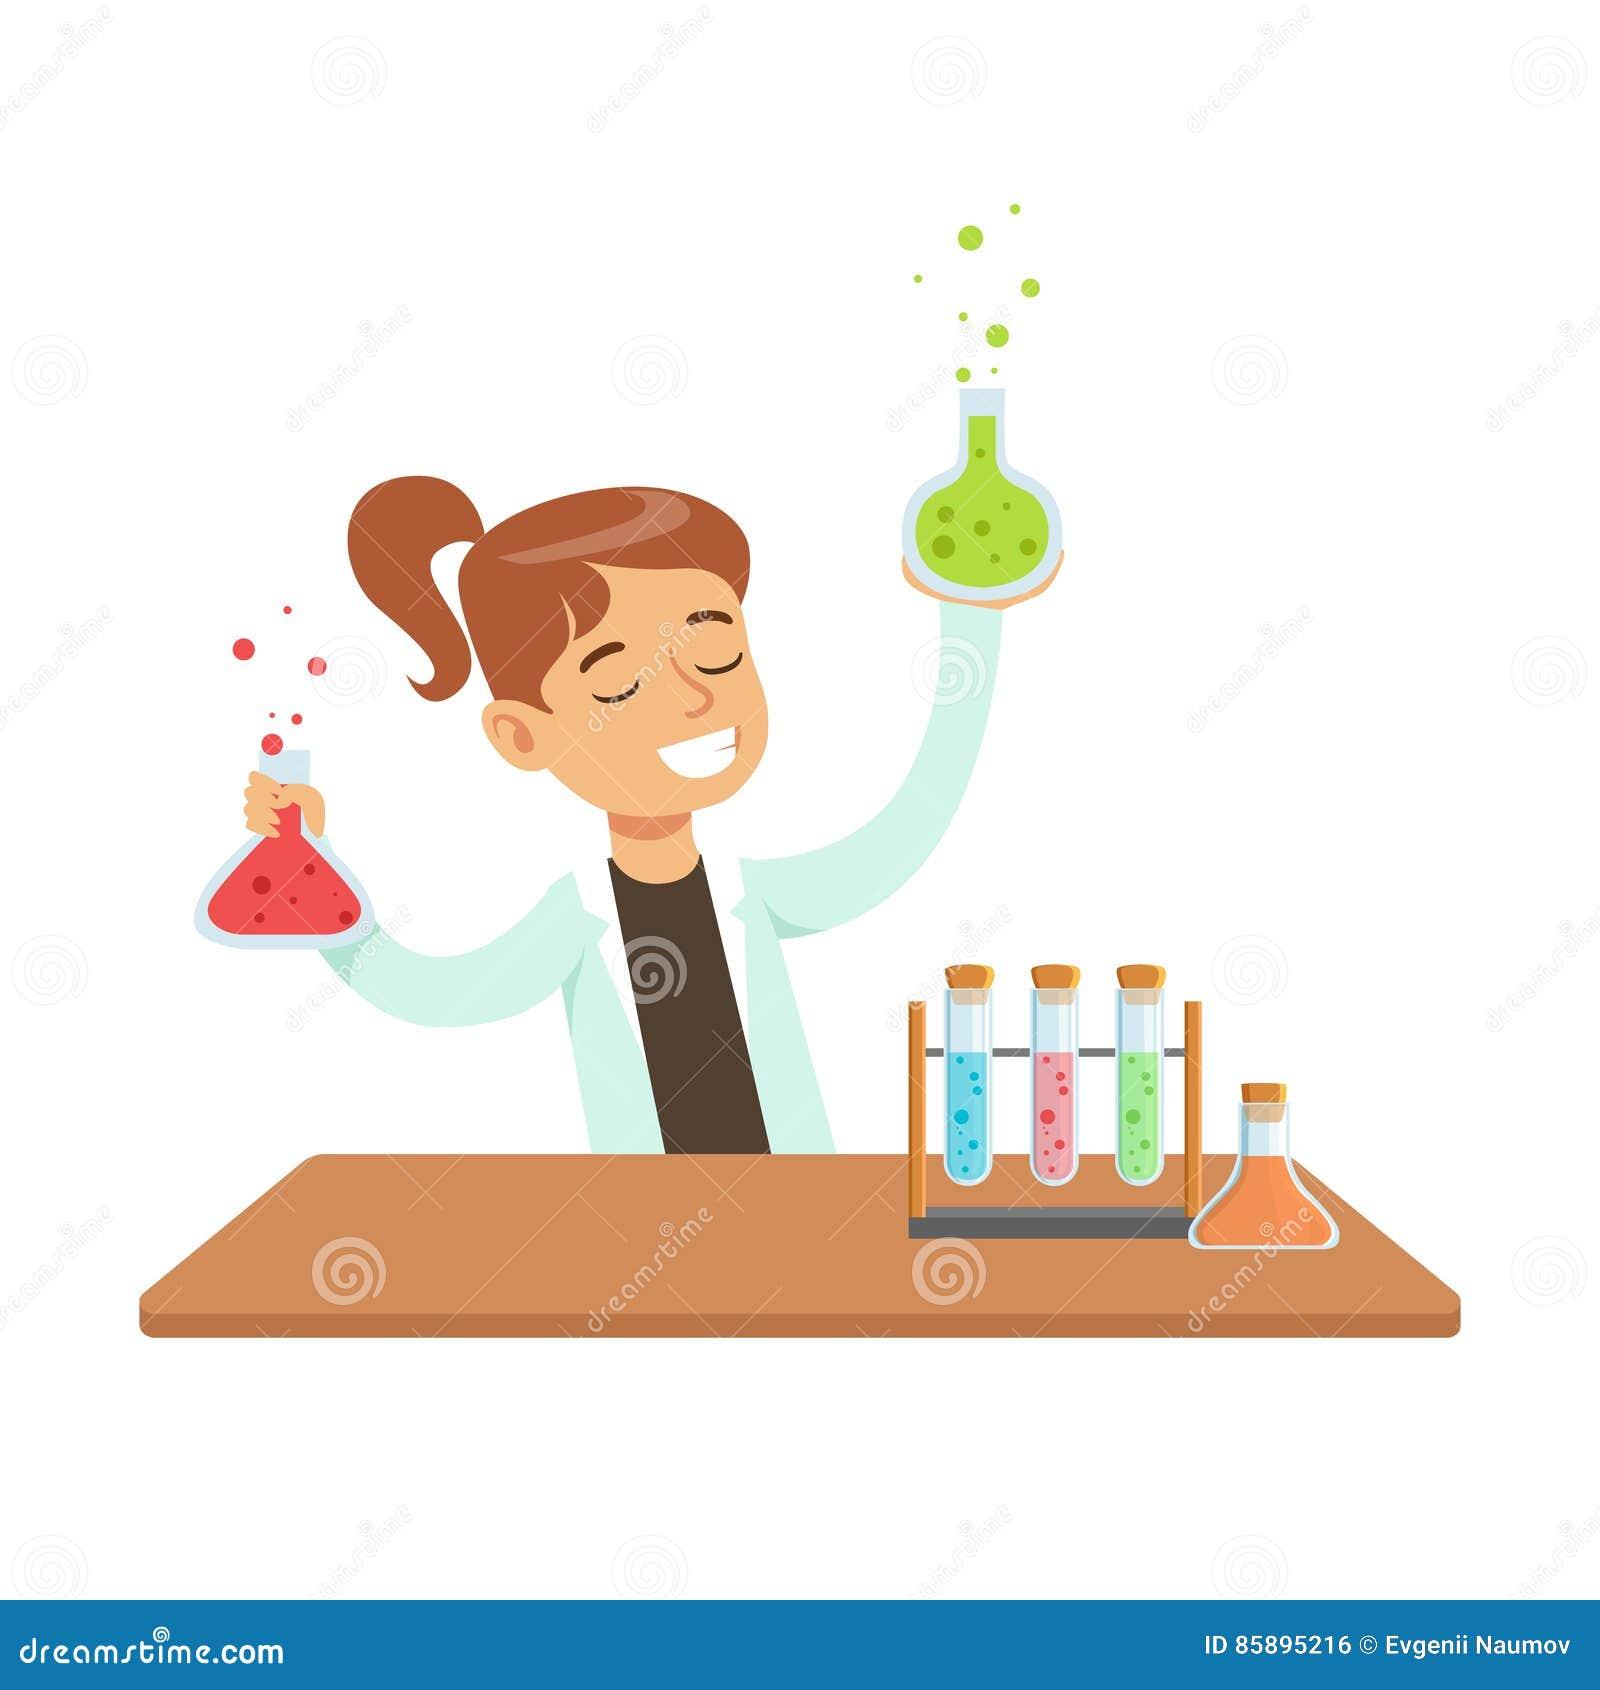 女孩化学家和化学制品实验,做科学研究的孩子作梦的成为的专业科学家